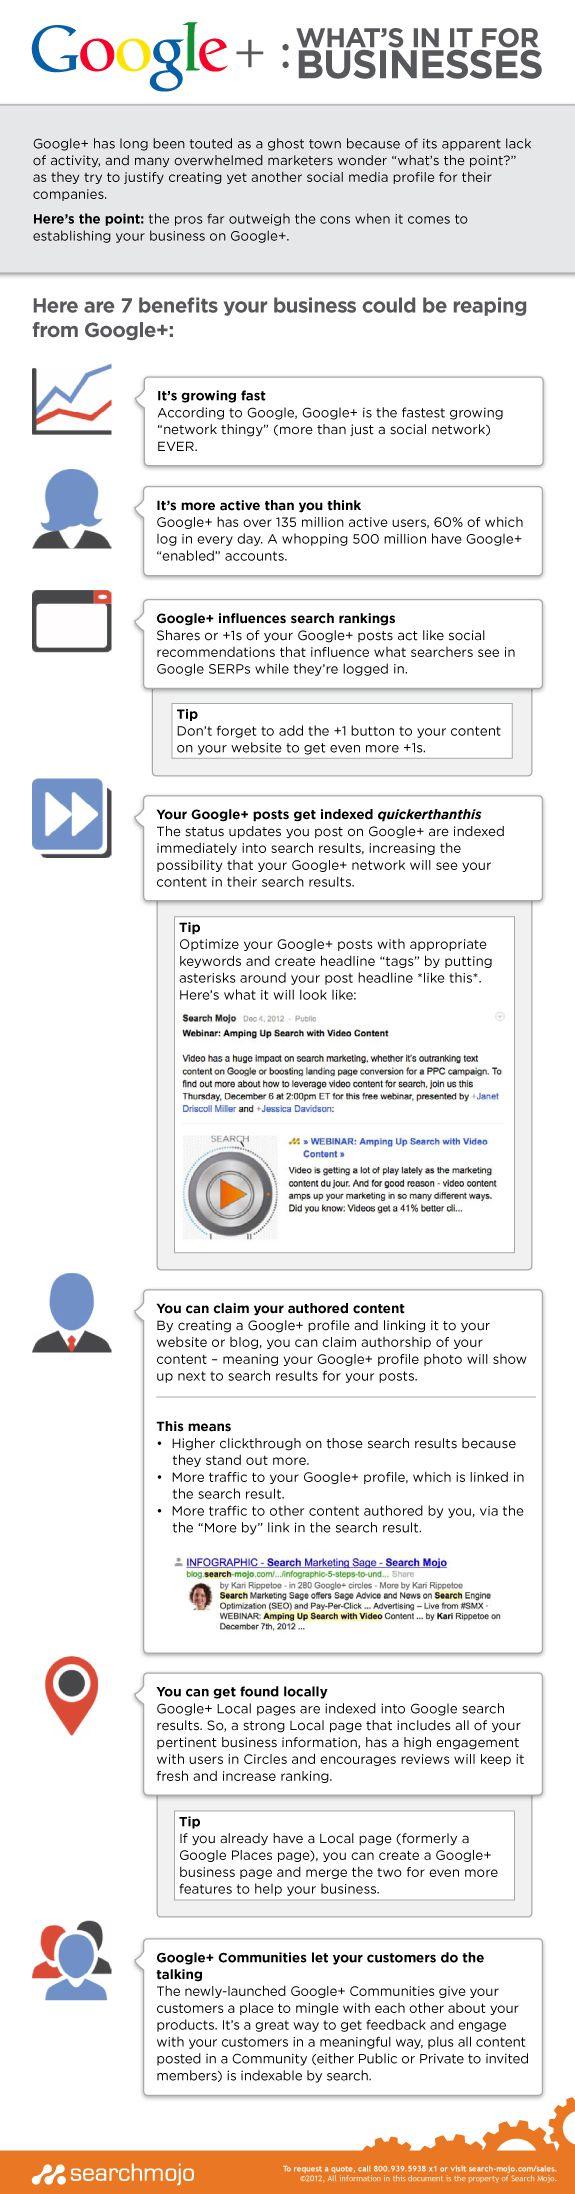 Google+: What's In It for Business http://www.roehampton-online.com/?ref=4231900 #business #smallbiz #startup #management #entrepreneur #entrepreneurship #social #socialmedia